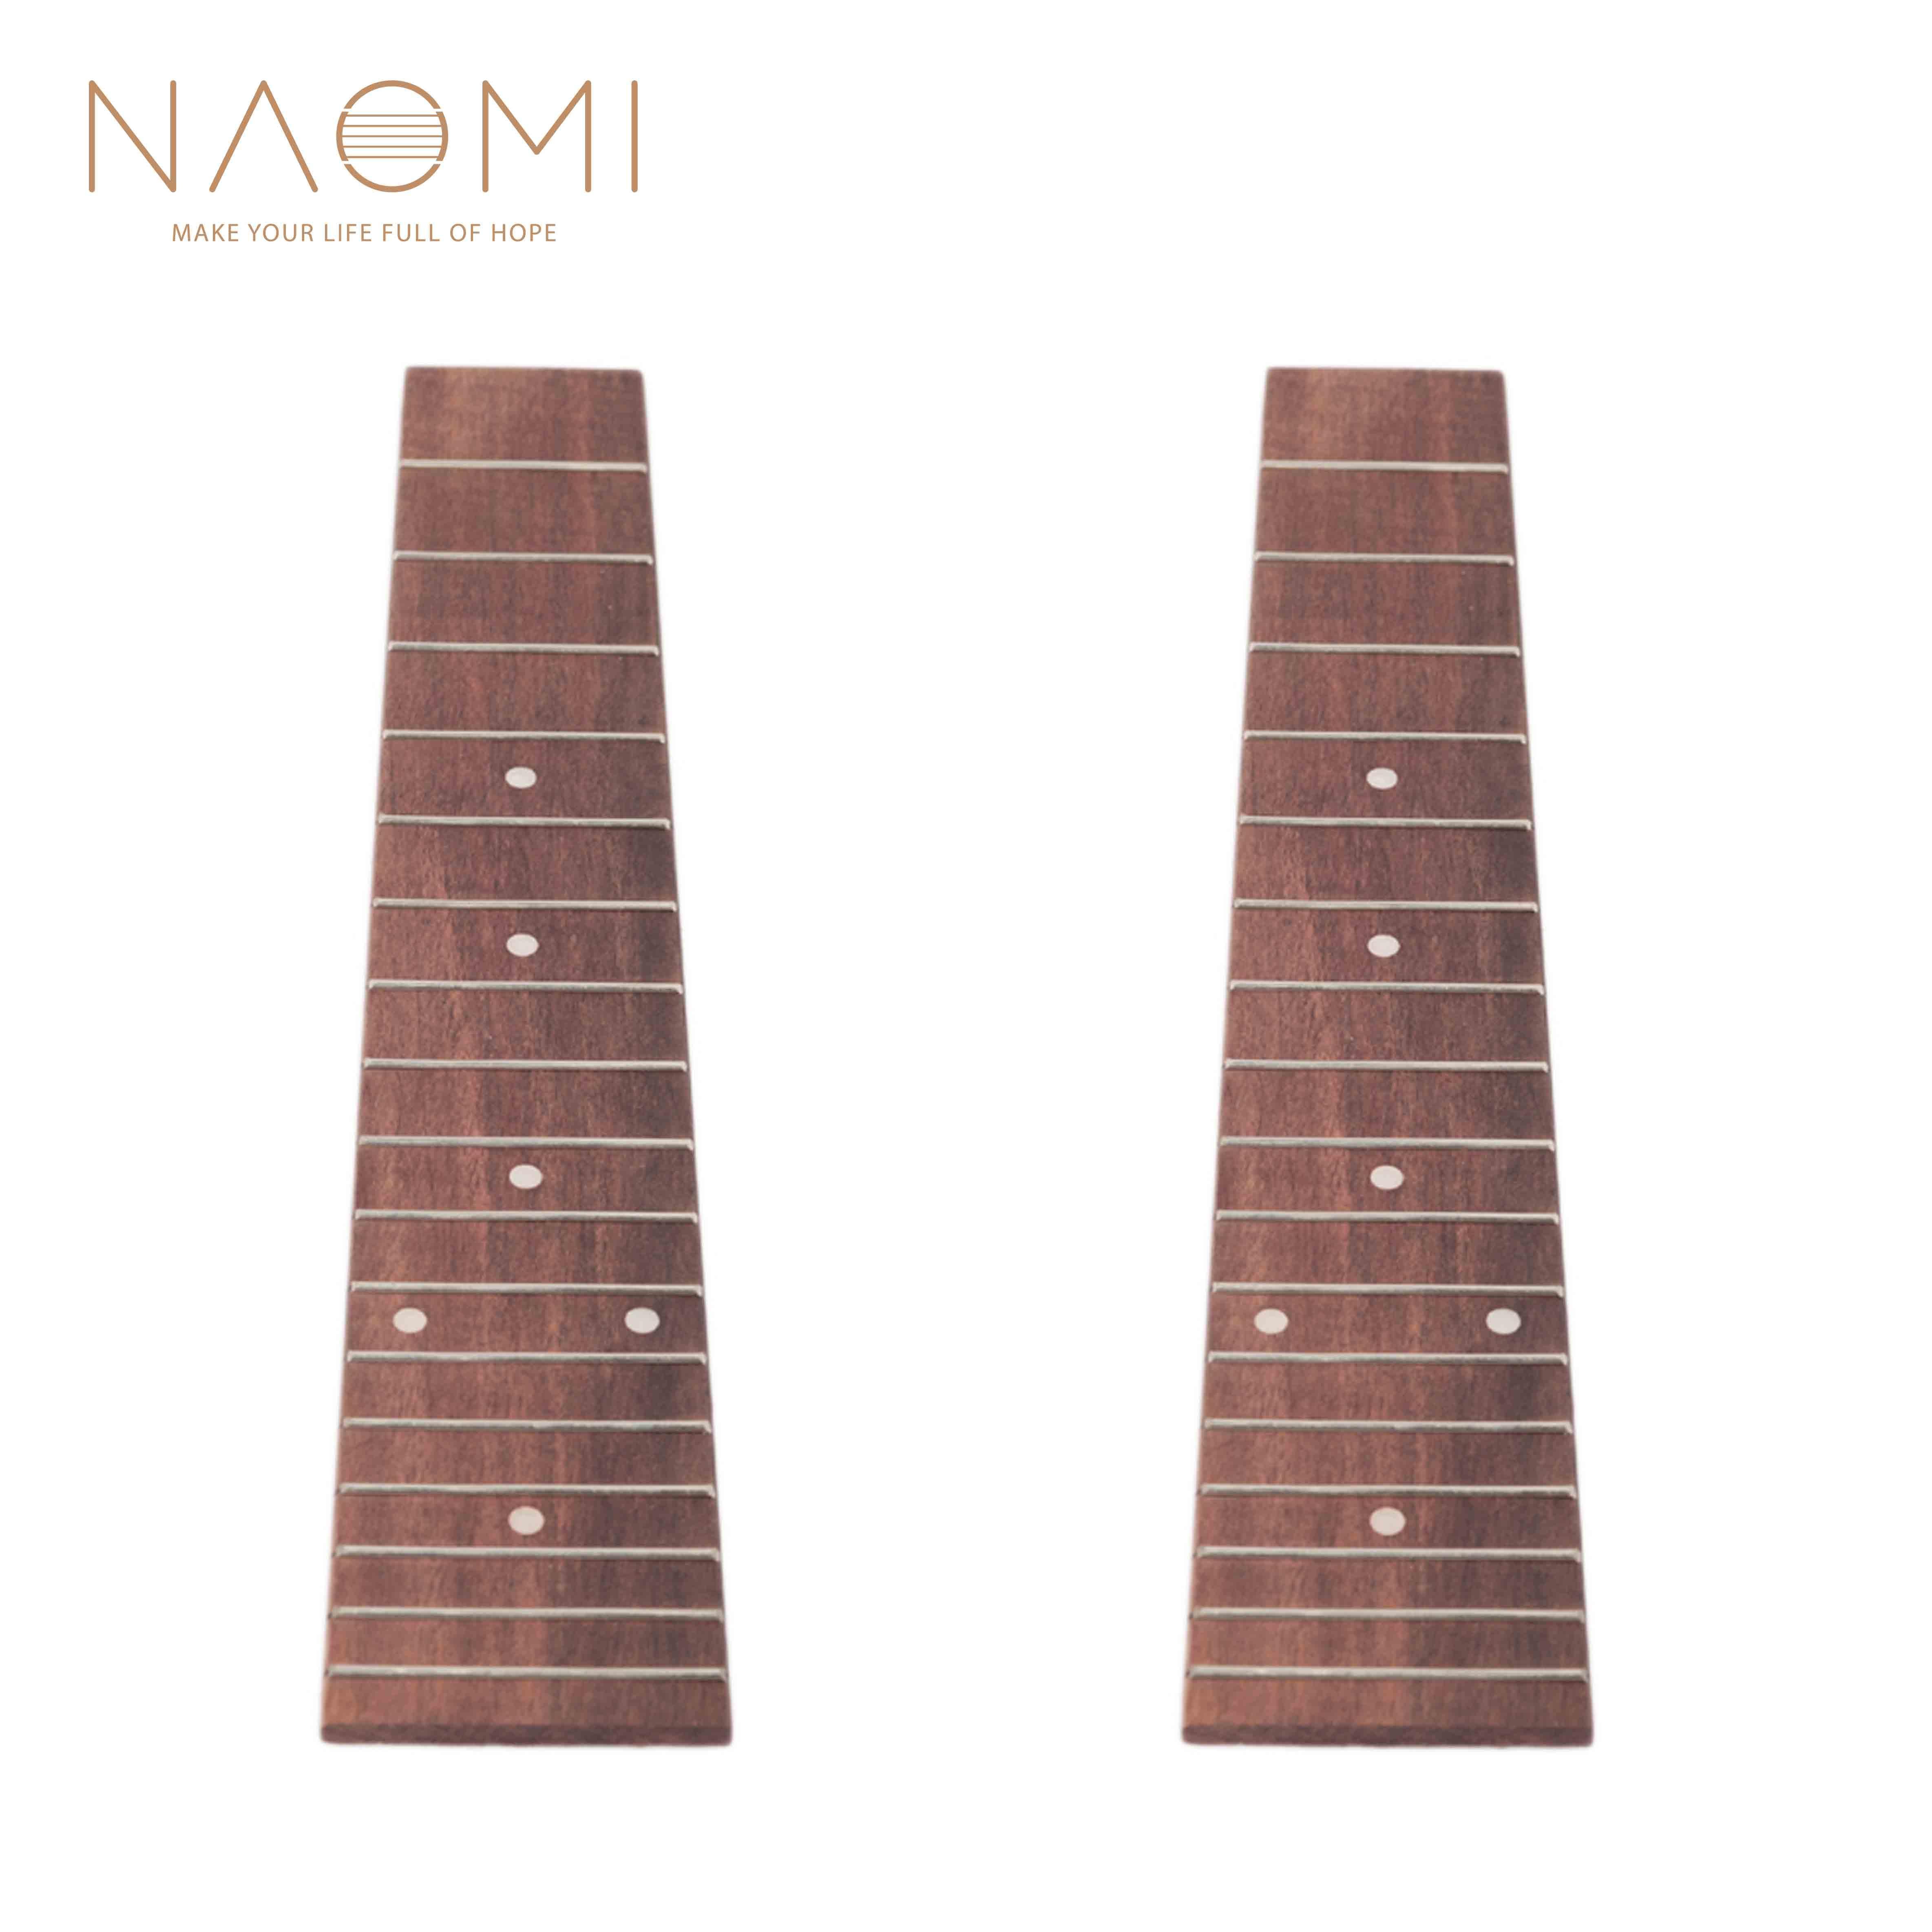 NAOMI 2 Adet Ukulele Fretboard 23 Inç Konser Ukulele Hawaii Gitar Ahşap Klavye Klavye 17 Frets Gitar Parçaları Aksesuarları